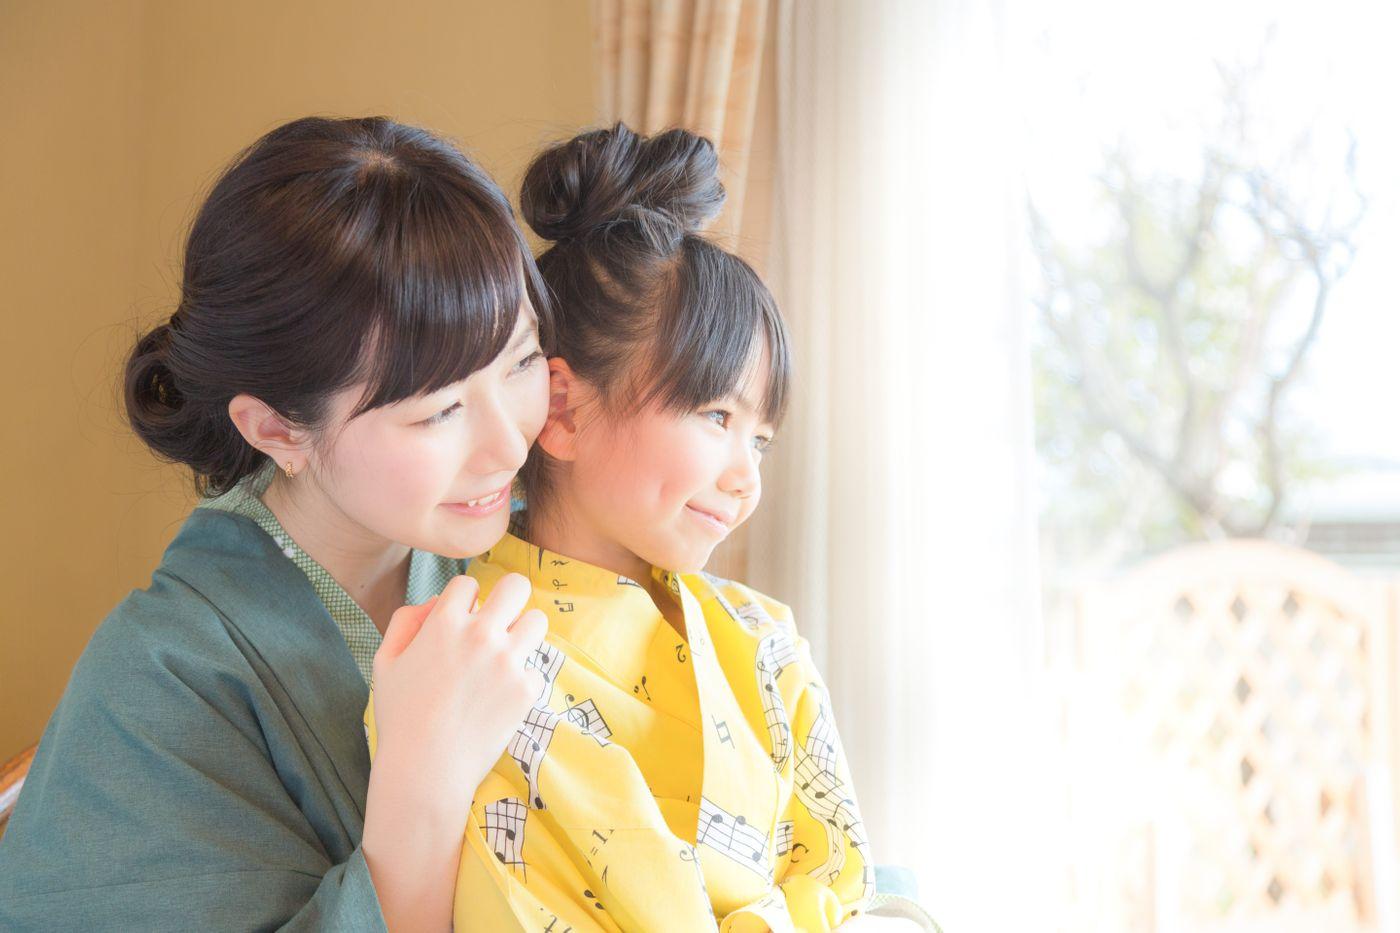 温泉旅館の客室から庭先を眺める親子の写真